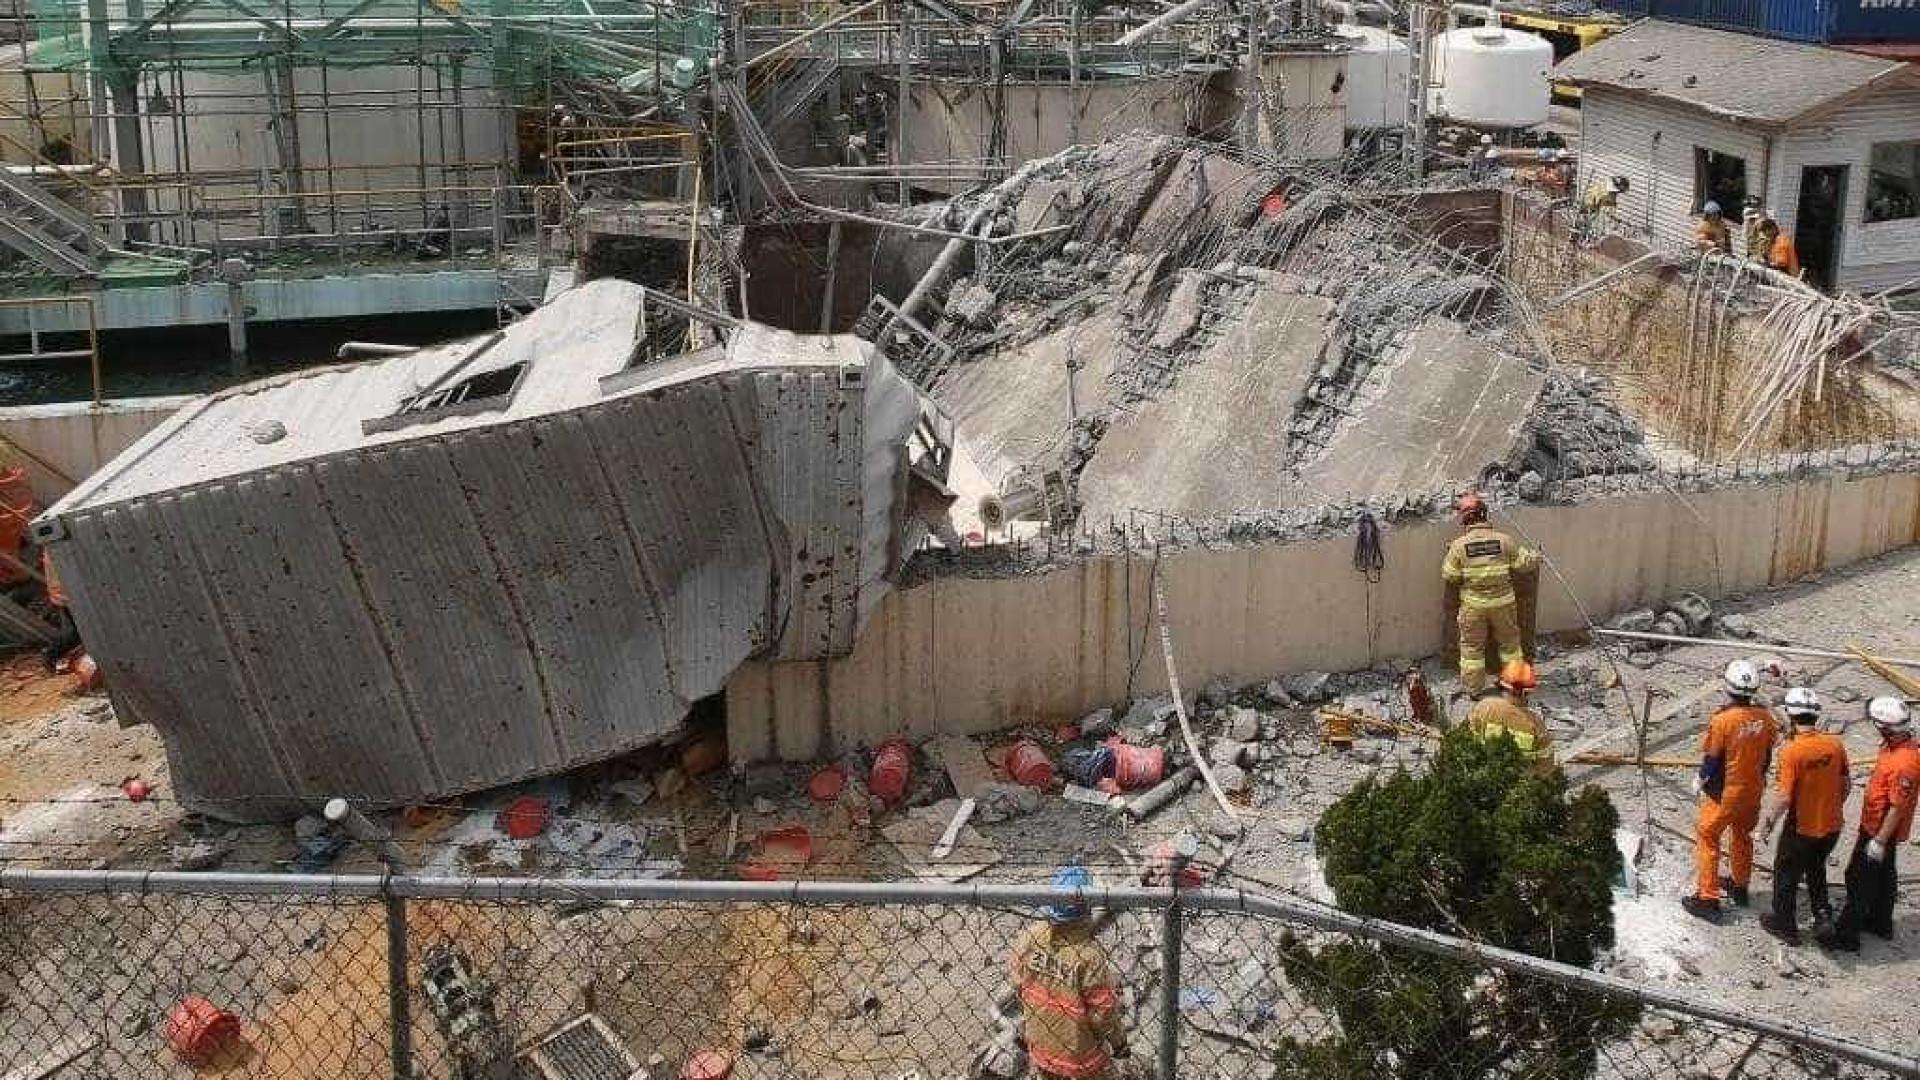 Um morto e 4 feridos em explosão em fábrica química na Coreia do Sul